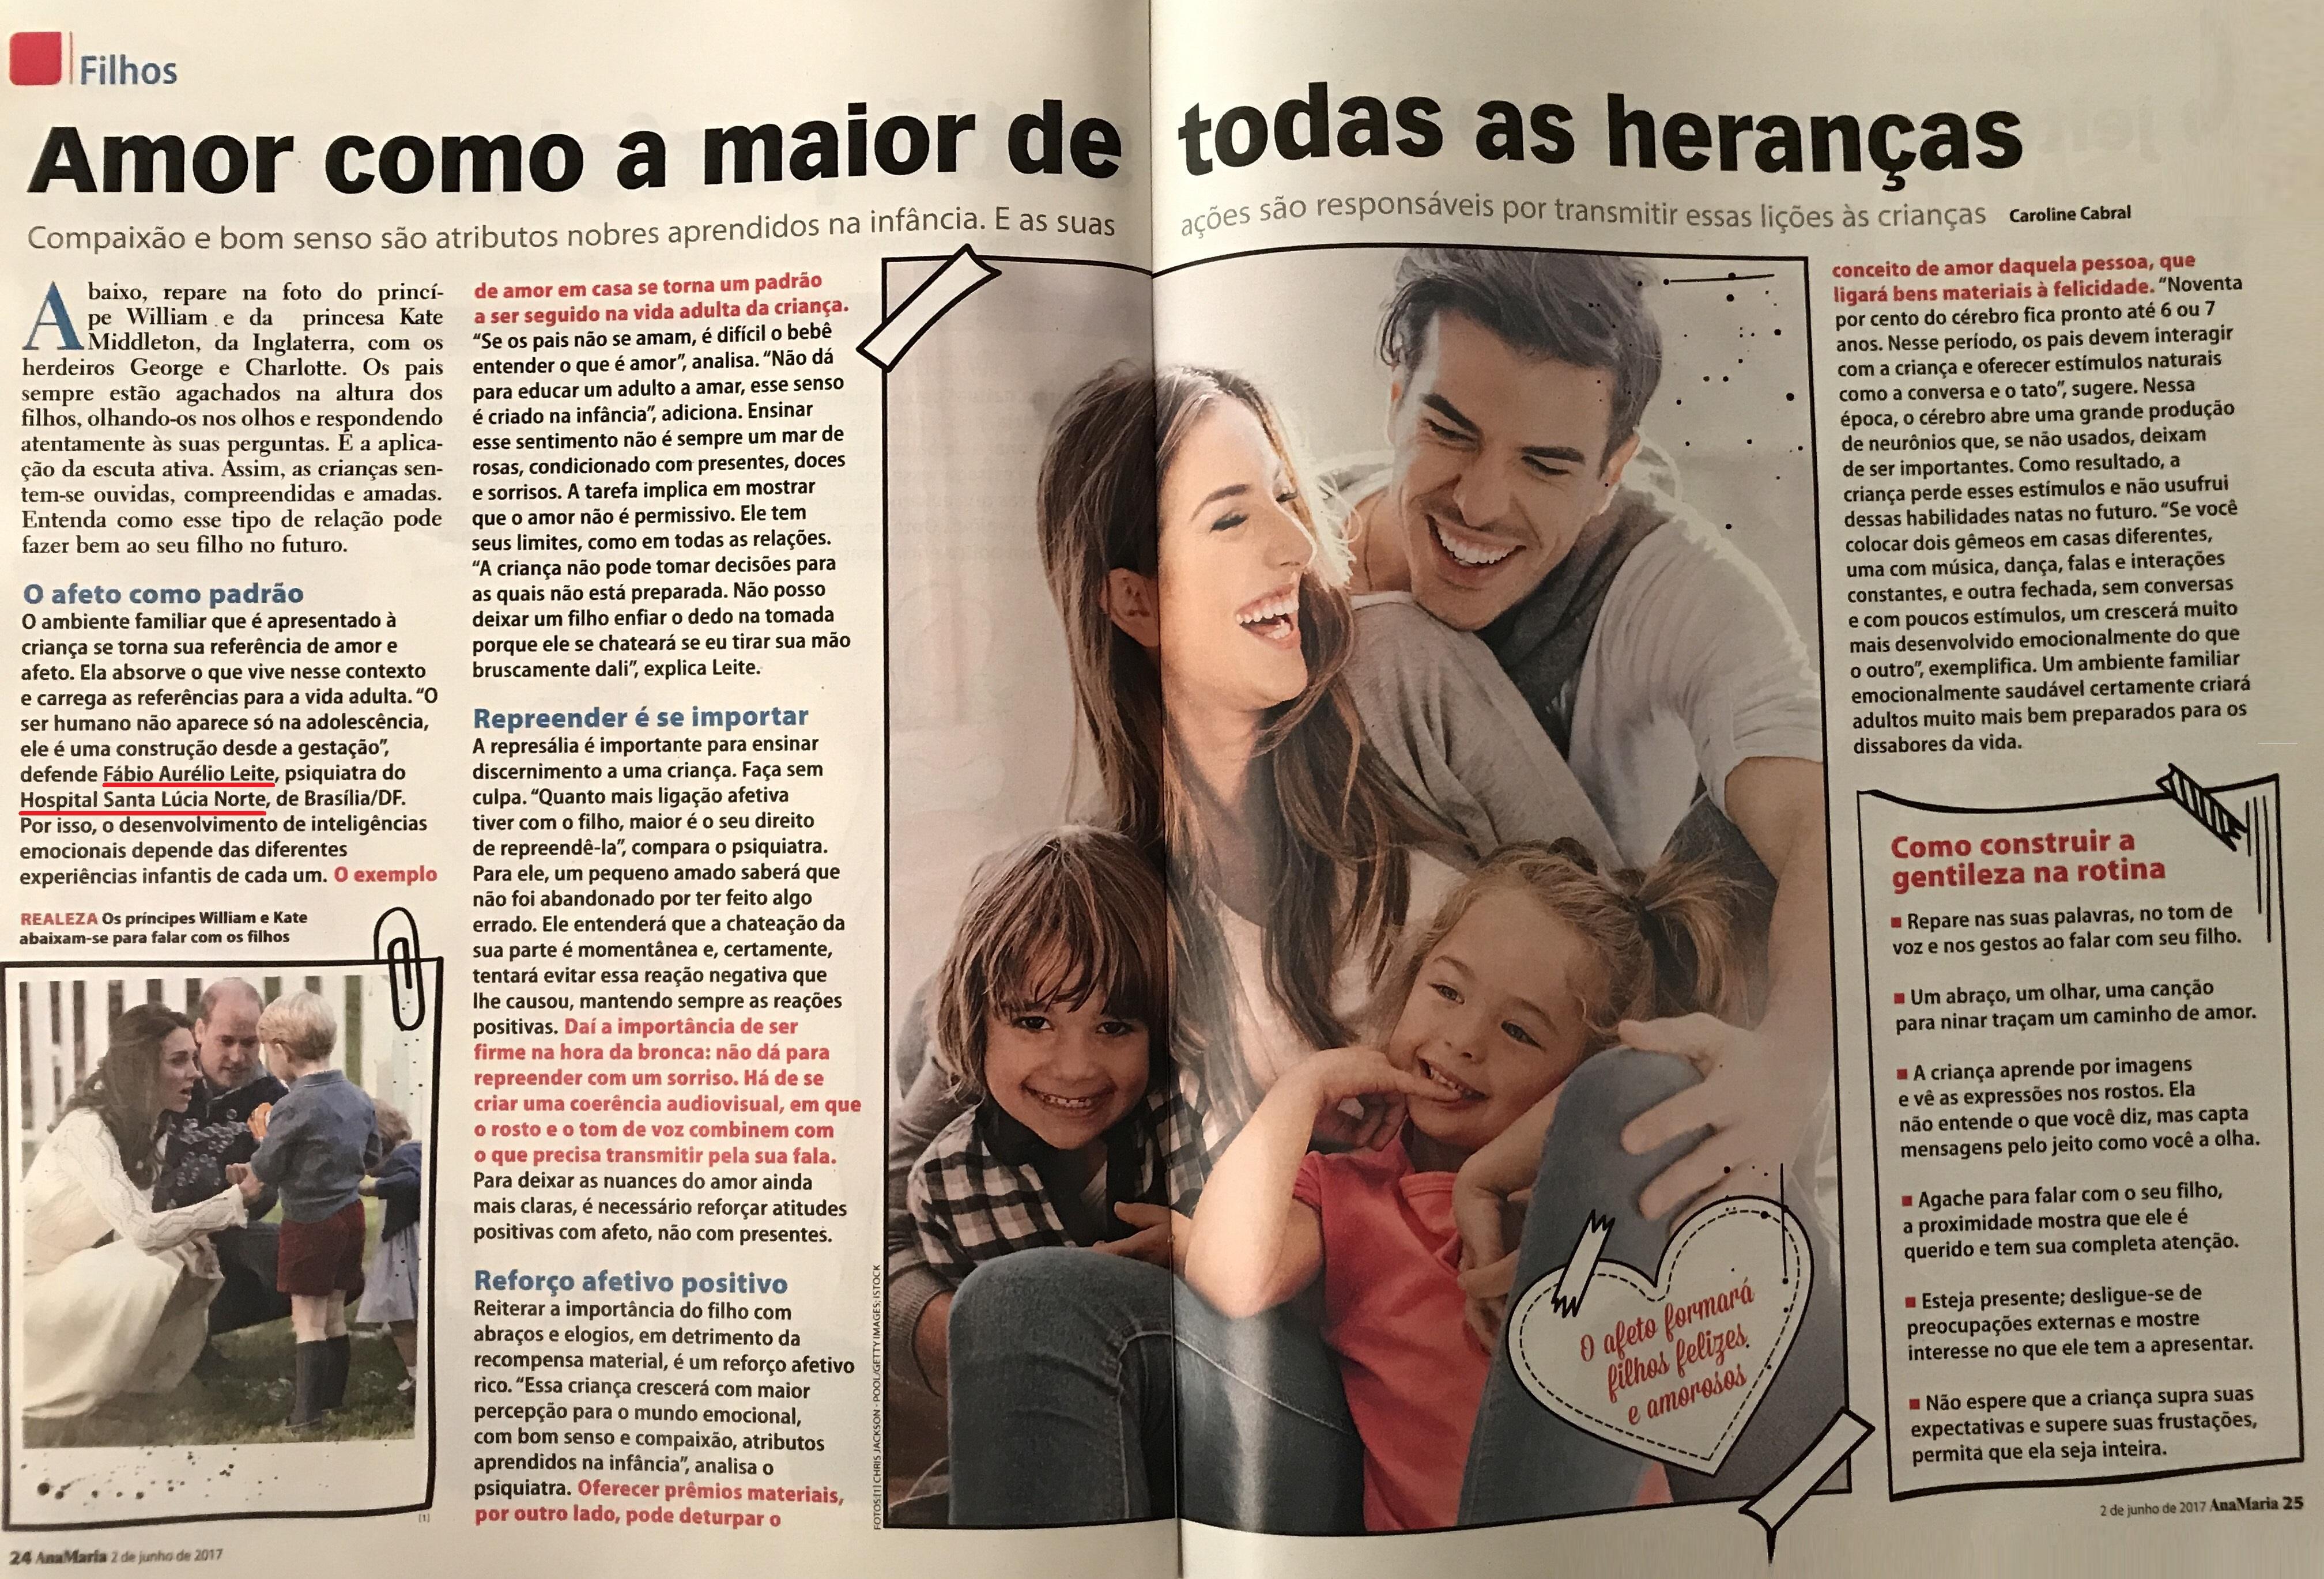 Revista Ana Maria (Página 1 e 2) - Dr. Fábio Aurélio Leite HSLN - Junho de 2017